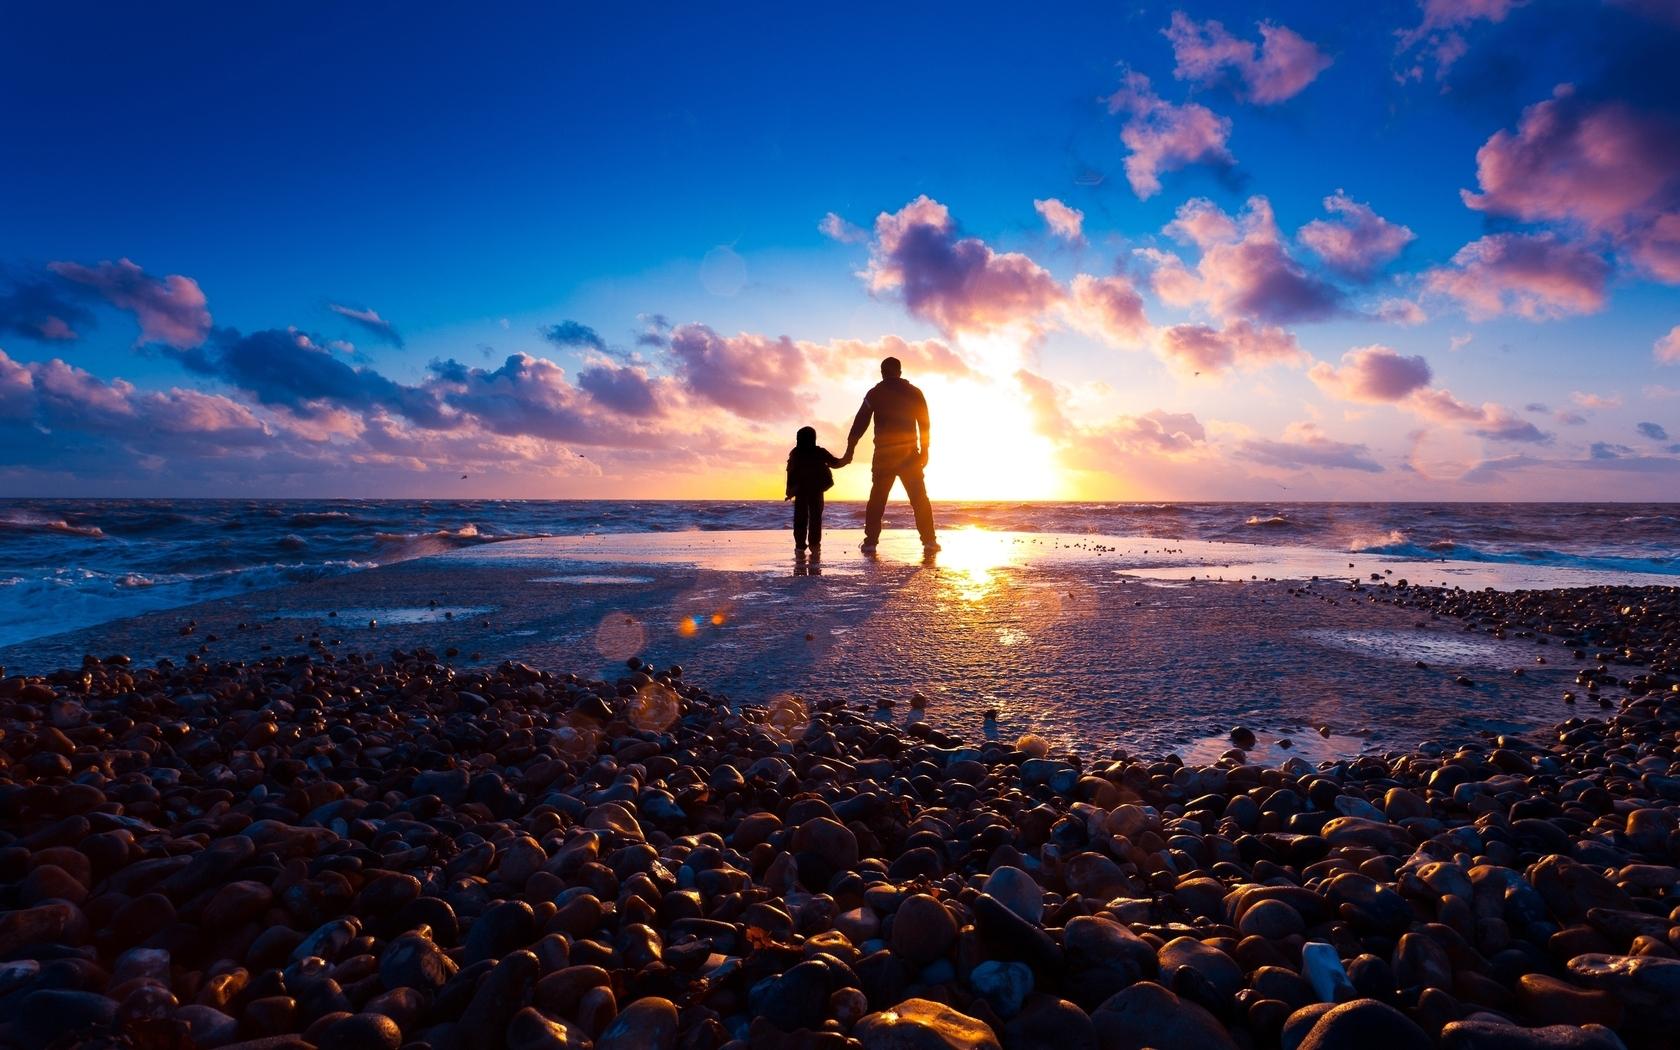 20475 скачать обои Пейзаж, Люди, Закат, Море, Дети, Мужчины, Облака - заставки и картинки бесплатно